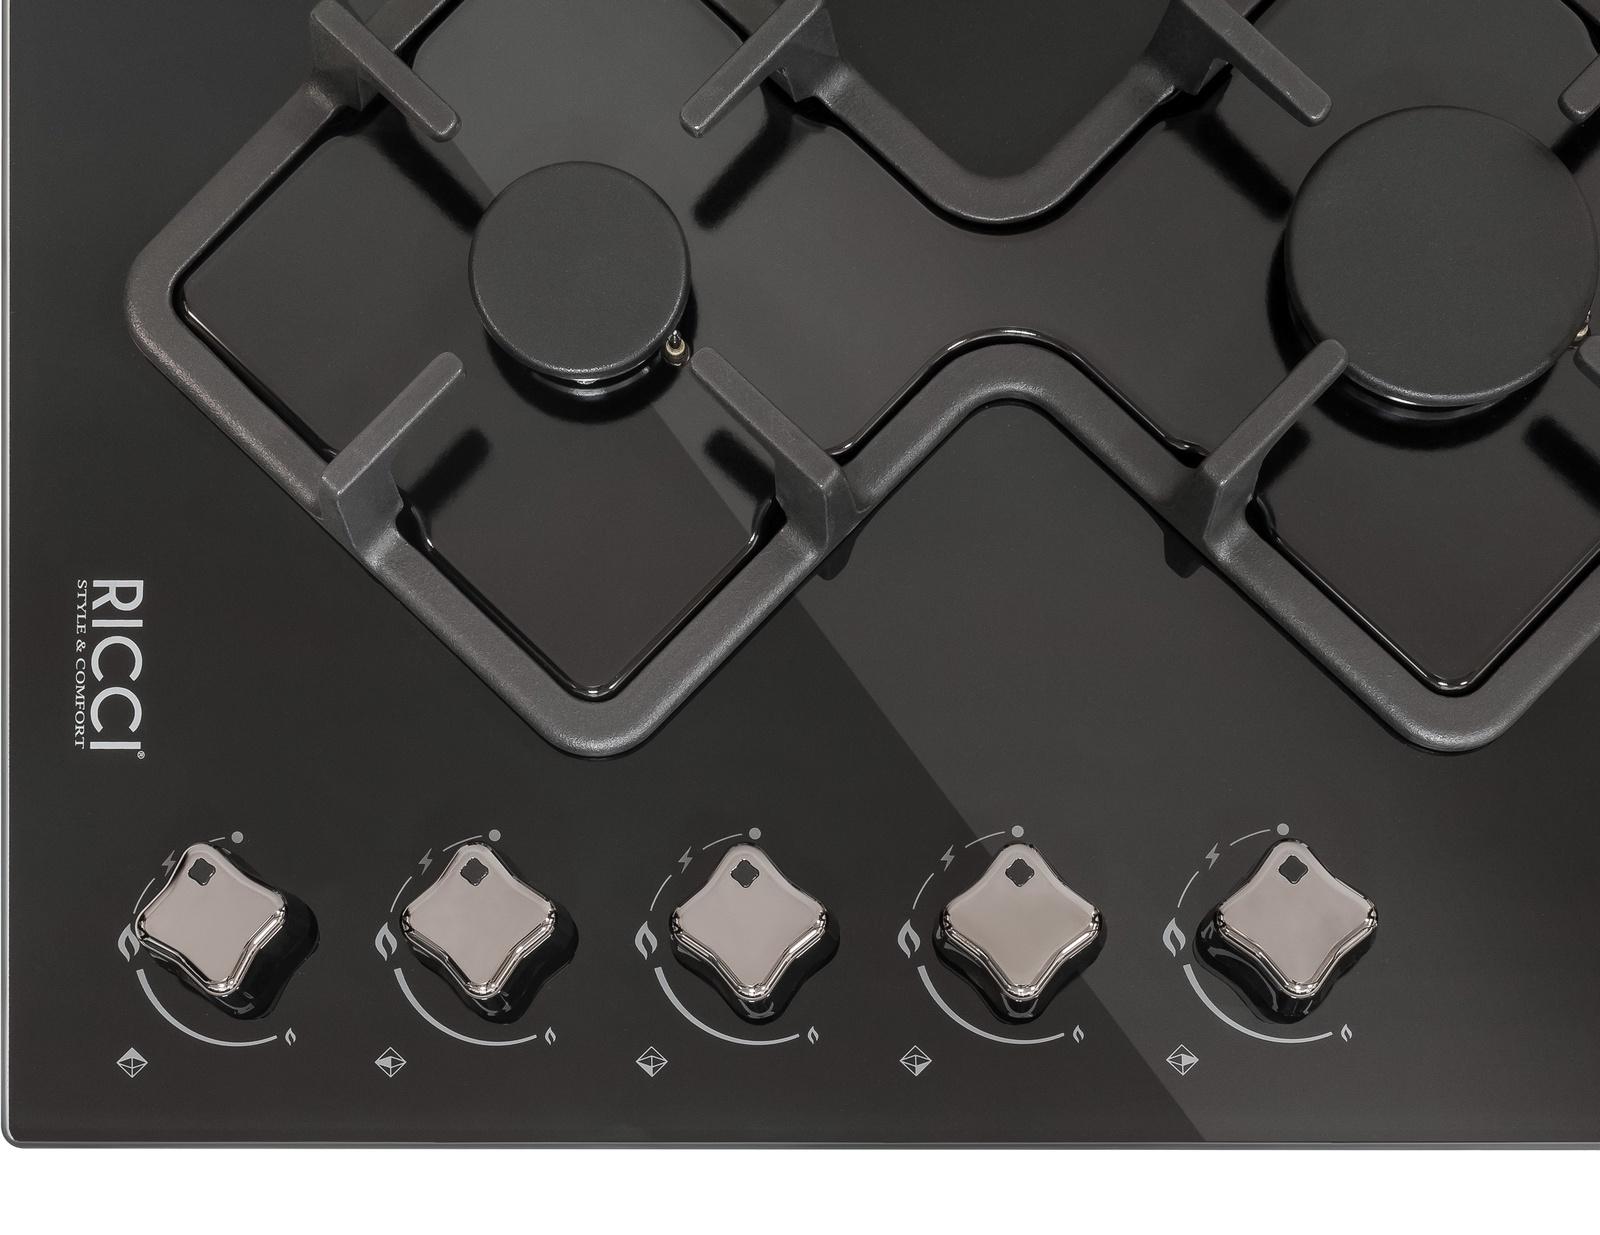 Варочная газовая панель Ricci RGN-КА5041BL встраиваемая, 5-ти конфорочная, цвет:  черный Ricci